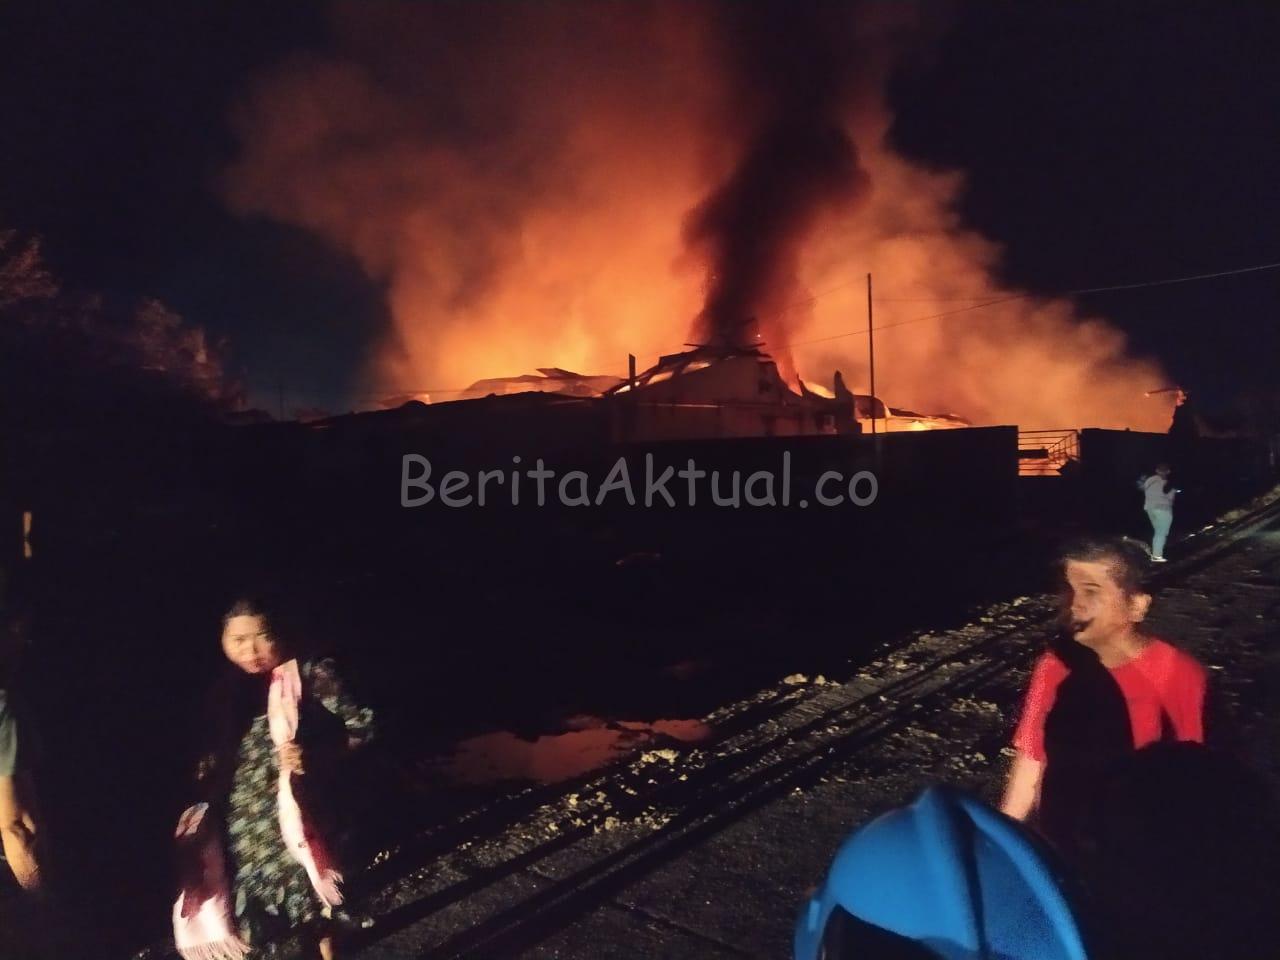 Pabrik Kasur di Kota Sorong Hangus Terbakar, Butuh 3 Jam Api Baru Bisa Dipadamkan 5 IMG 20200615 WA0003